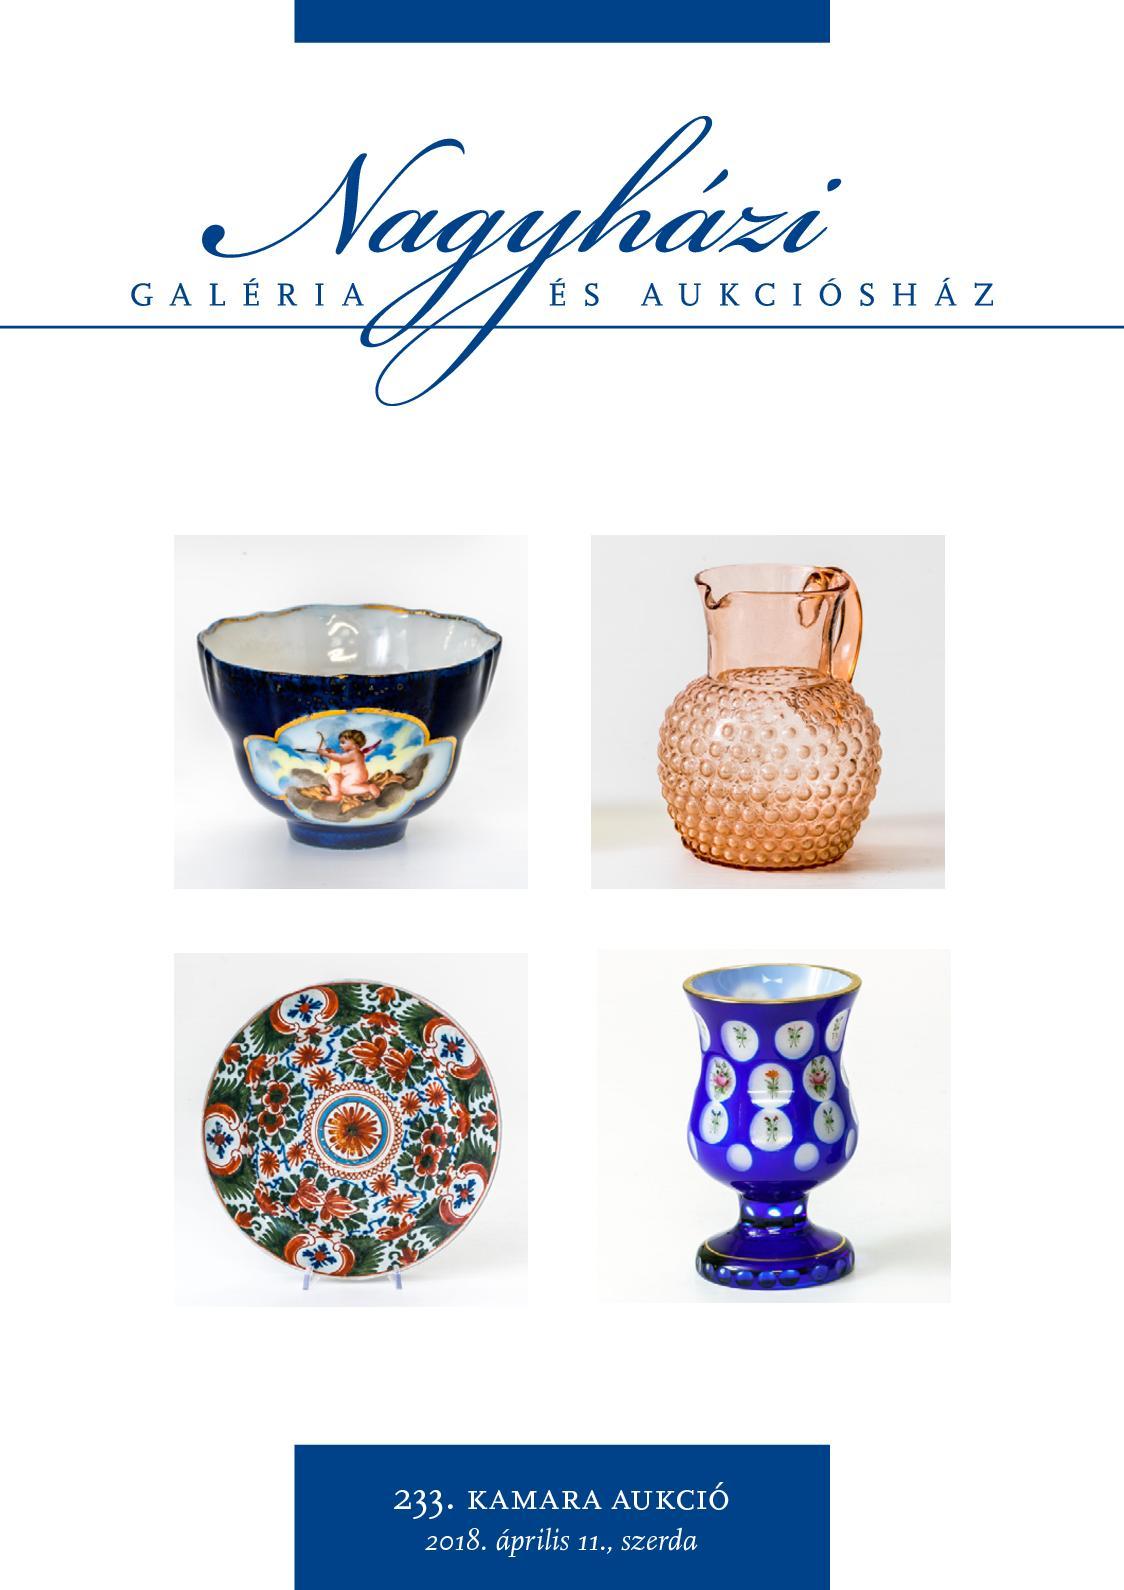 Nagyházi Galéria és Aukciósház - 233. kamara aukció